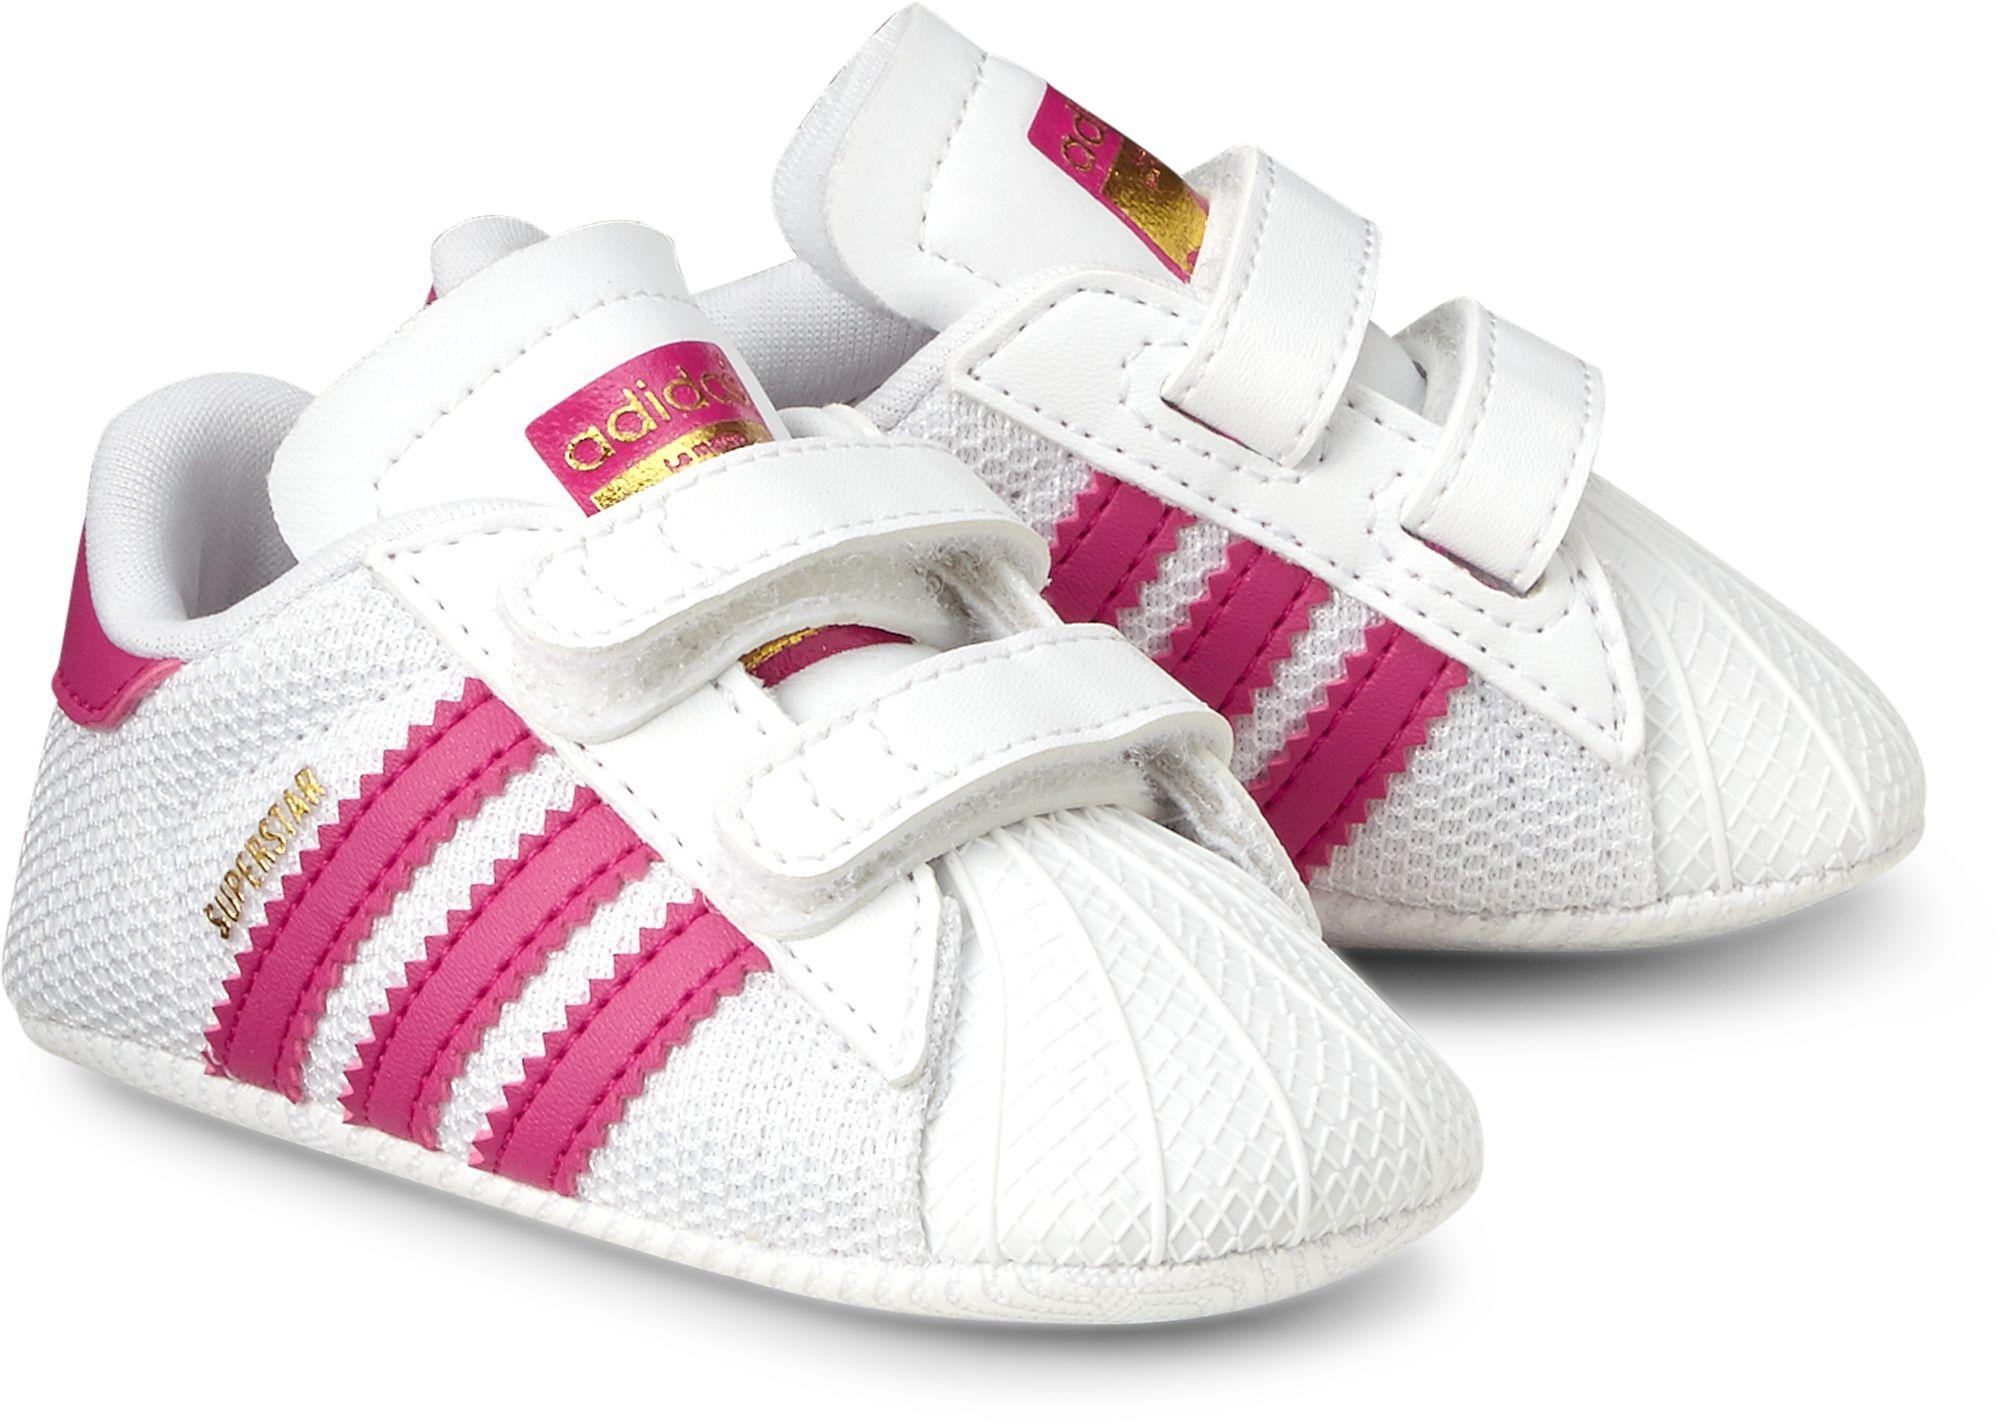 Crip Von 19 Superstar Originals MädchenGr18 In Weiß Für Adidas TK3l5c1JuF